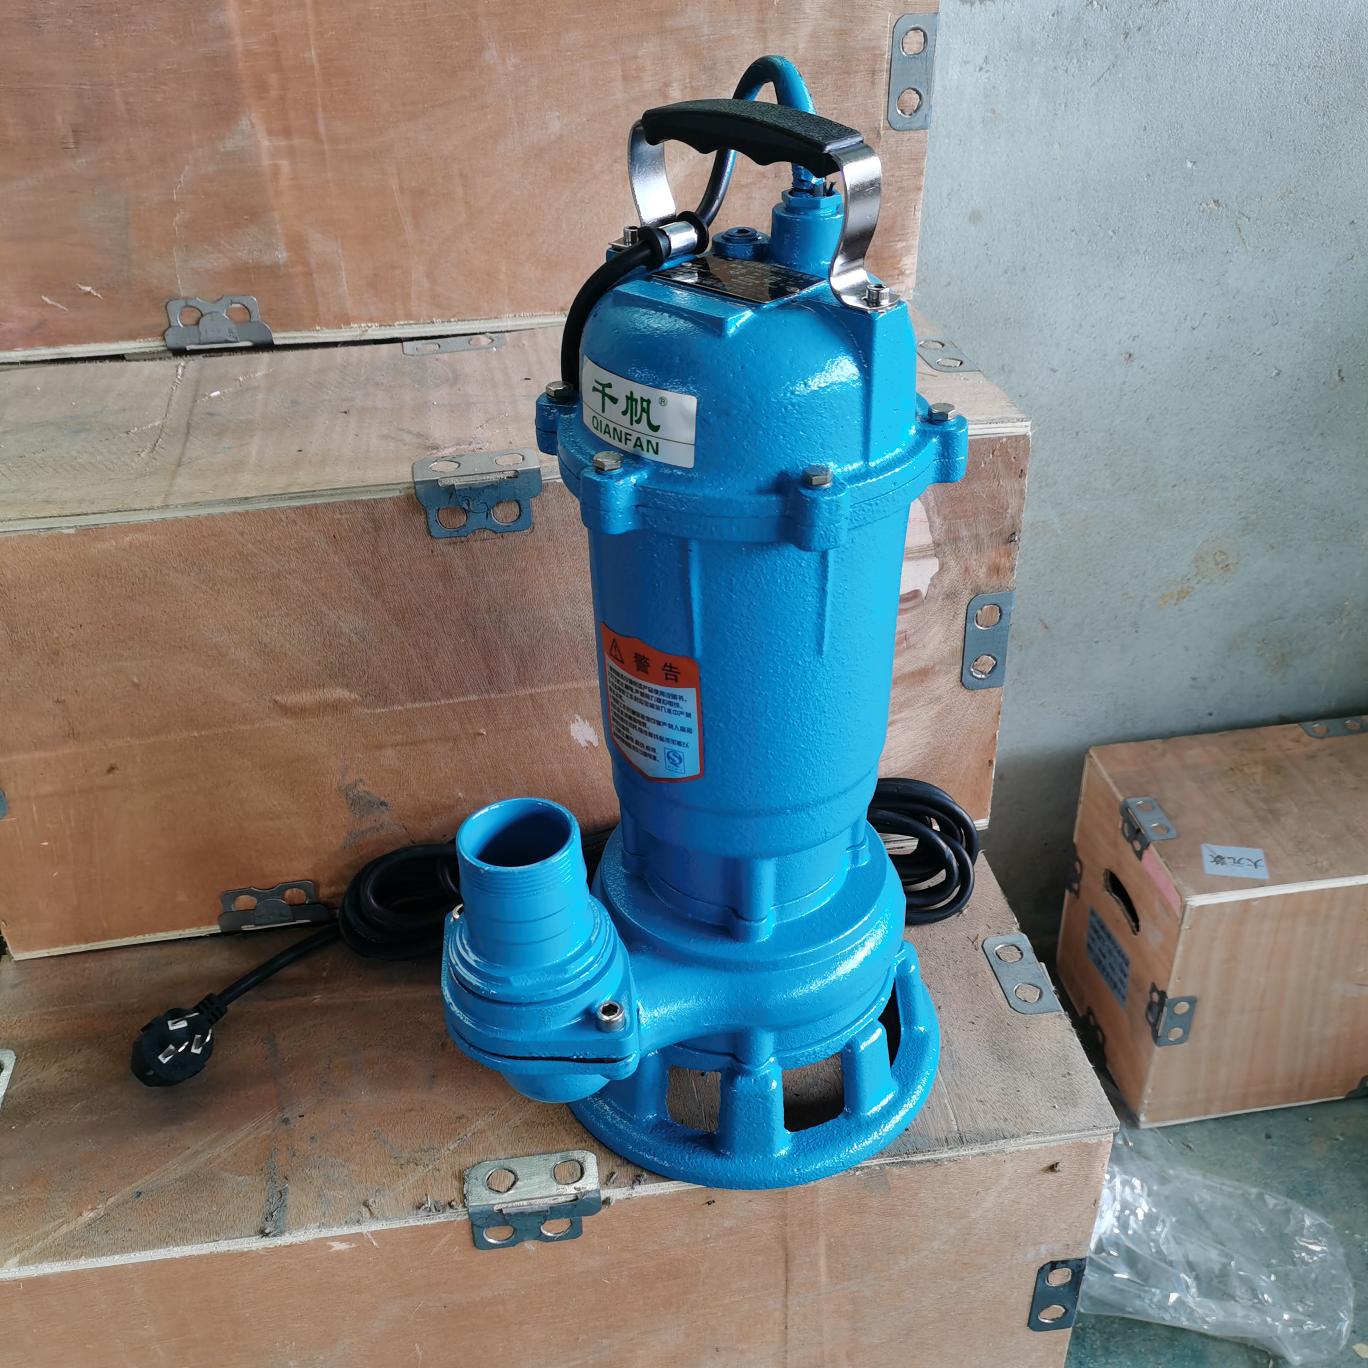 切割污水泵沼气沼液切割潜水泵养猪泵化粪池水泵大元款切割泵